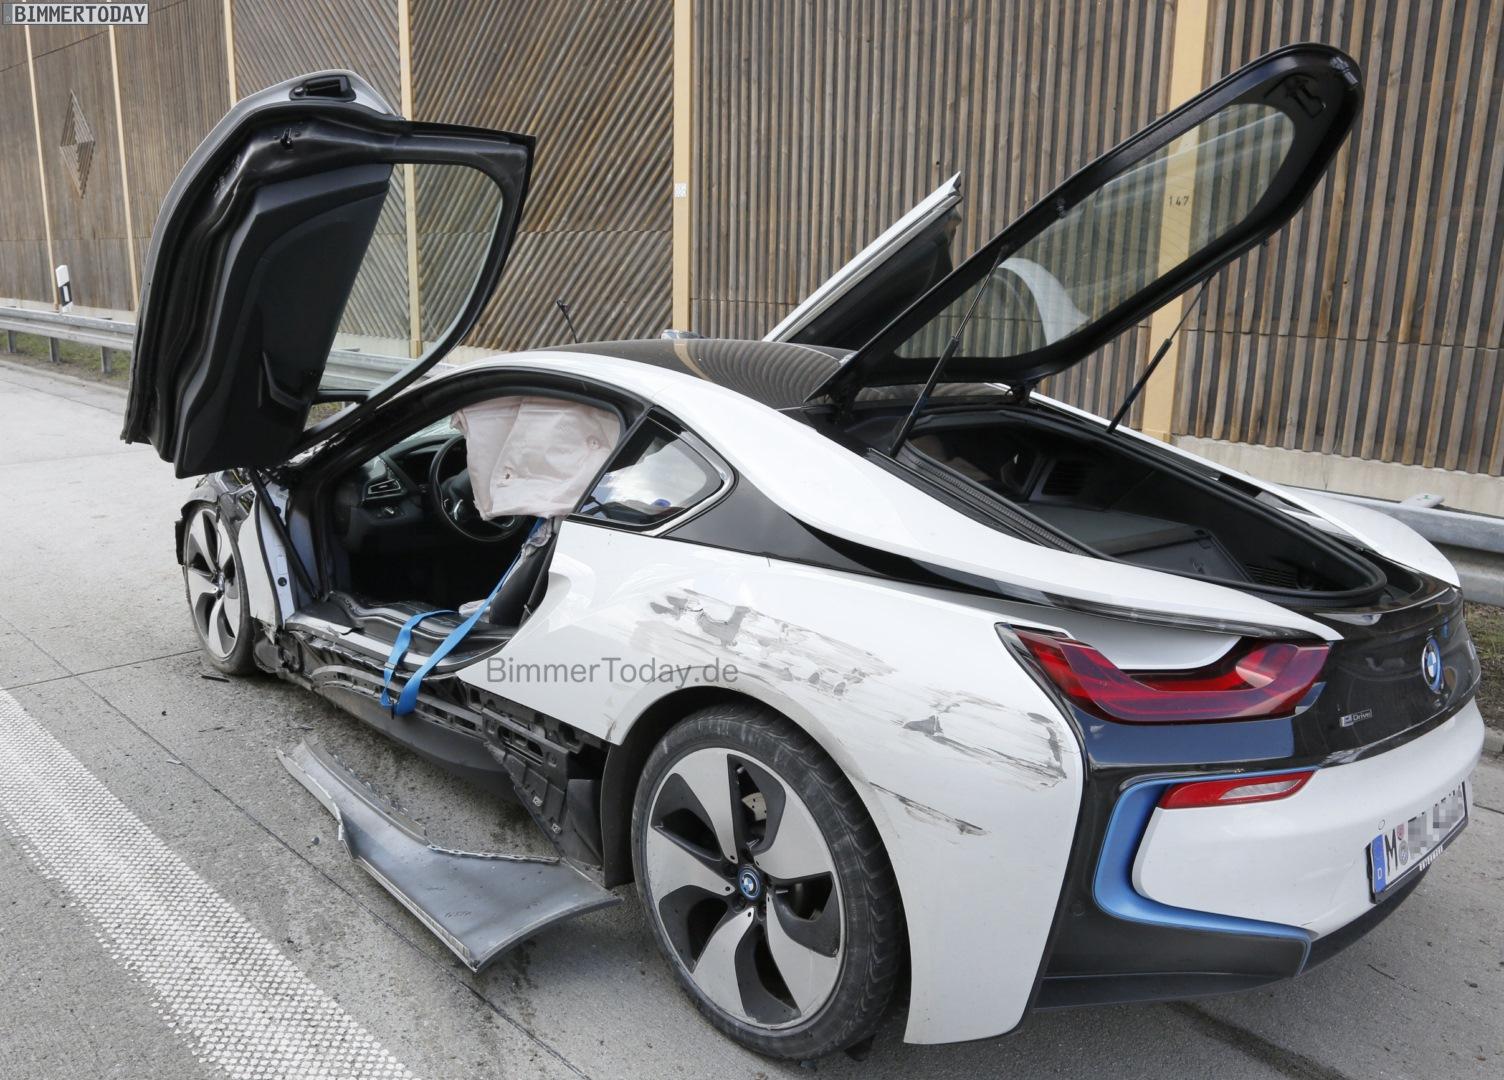 Bmw I8 Unfall Hybrid Sportler In Autobahn Crash Verwickelt